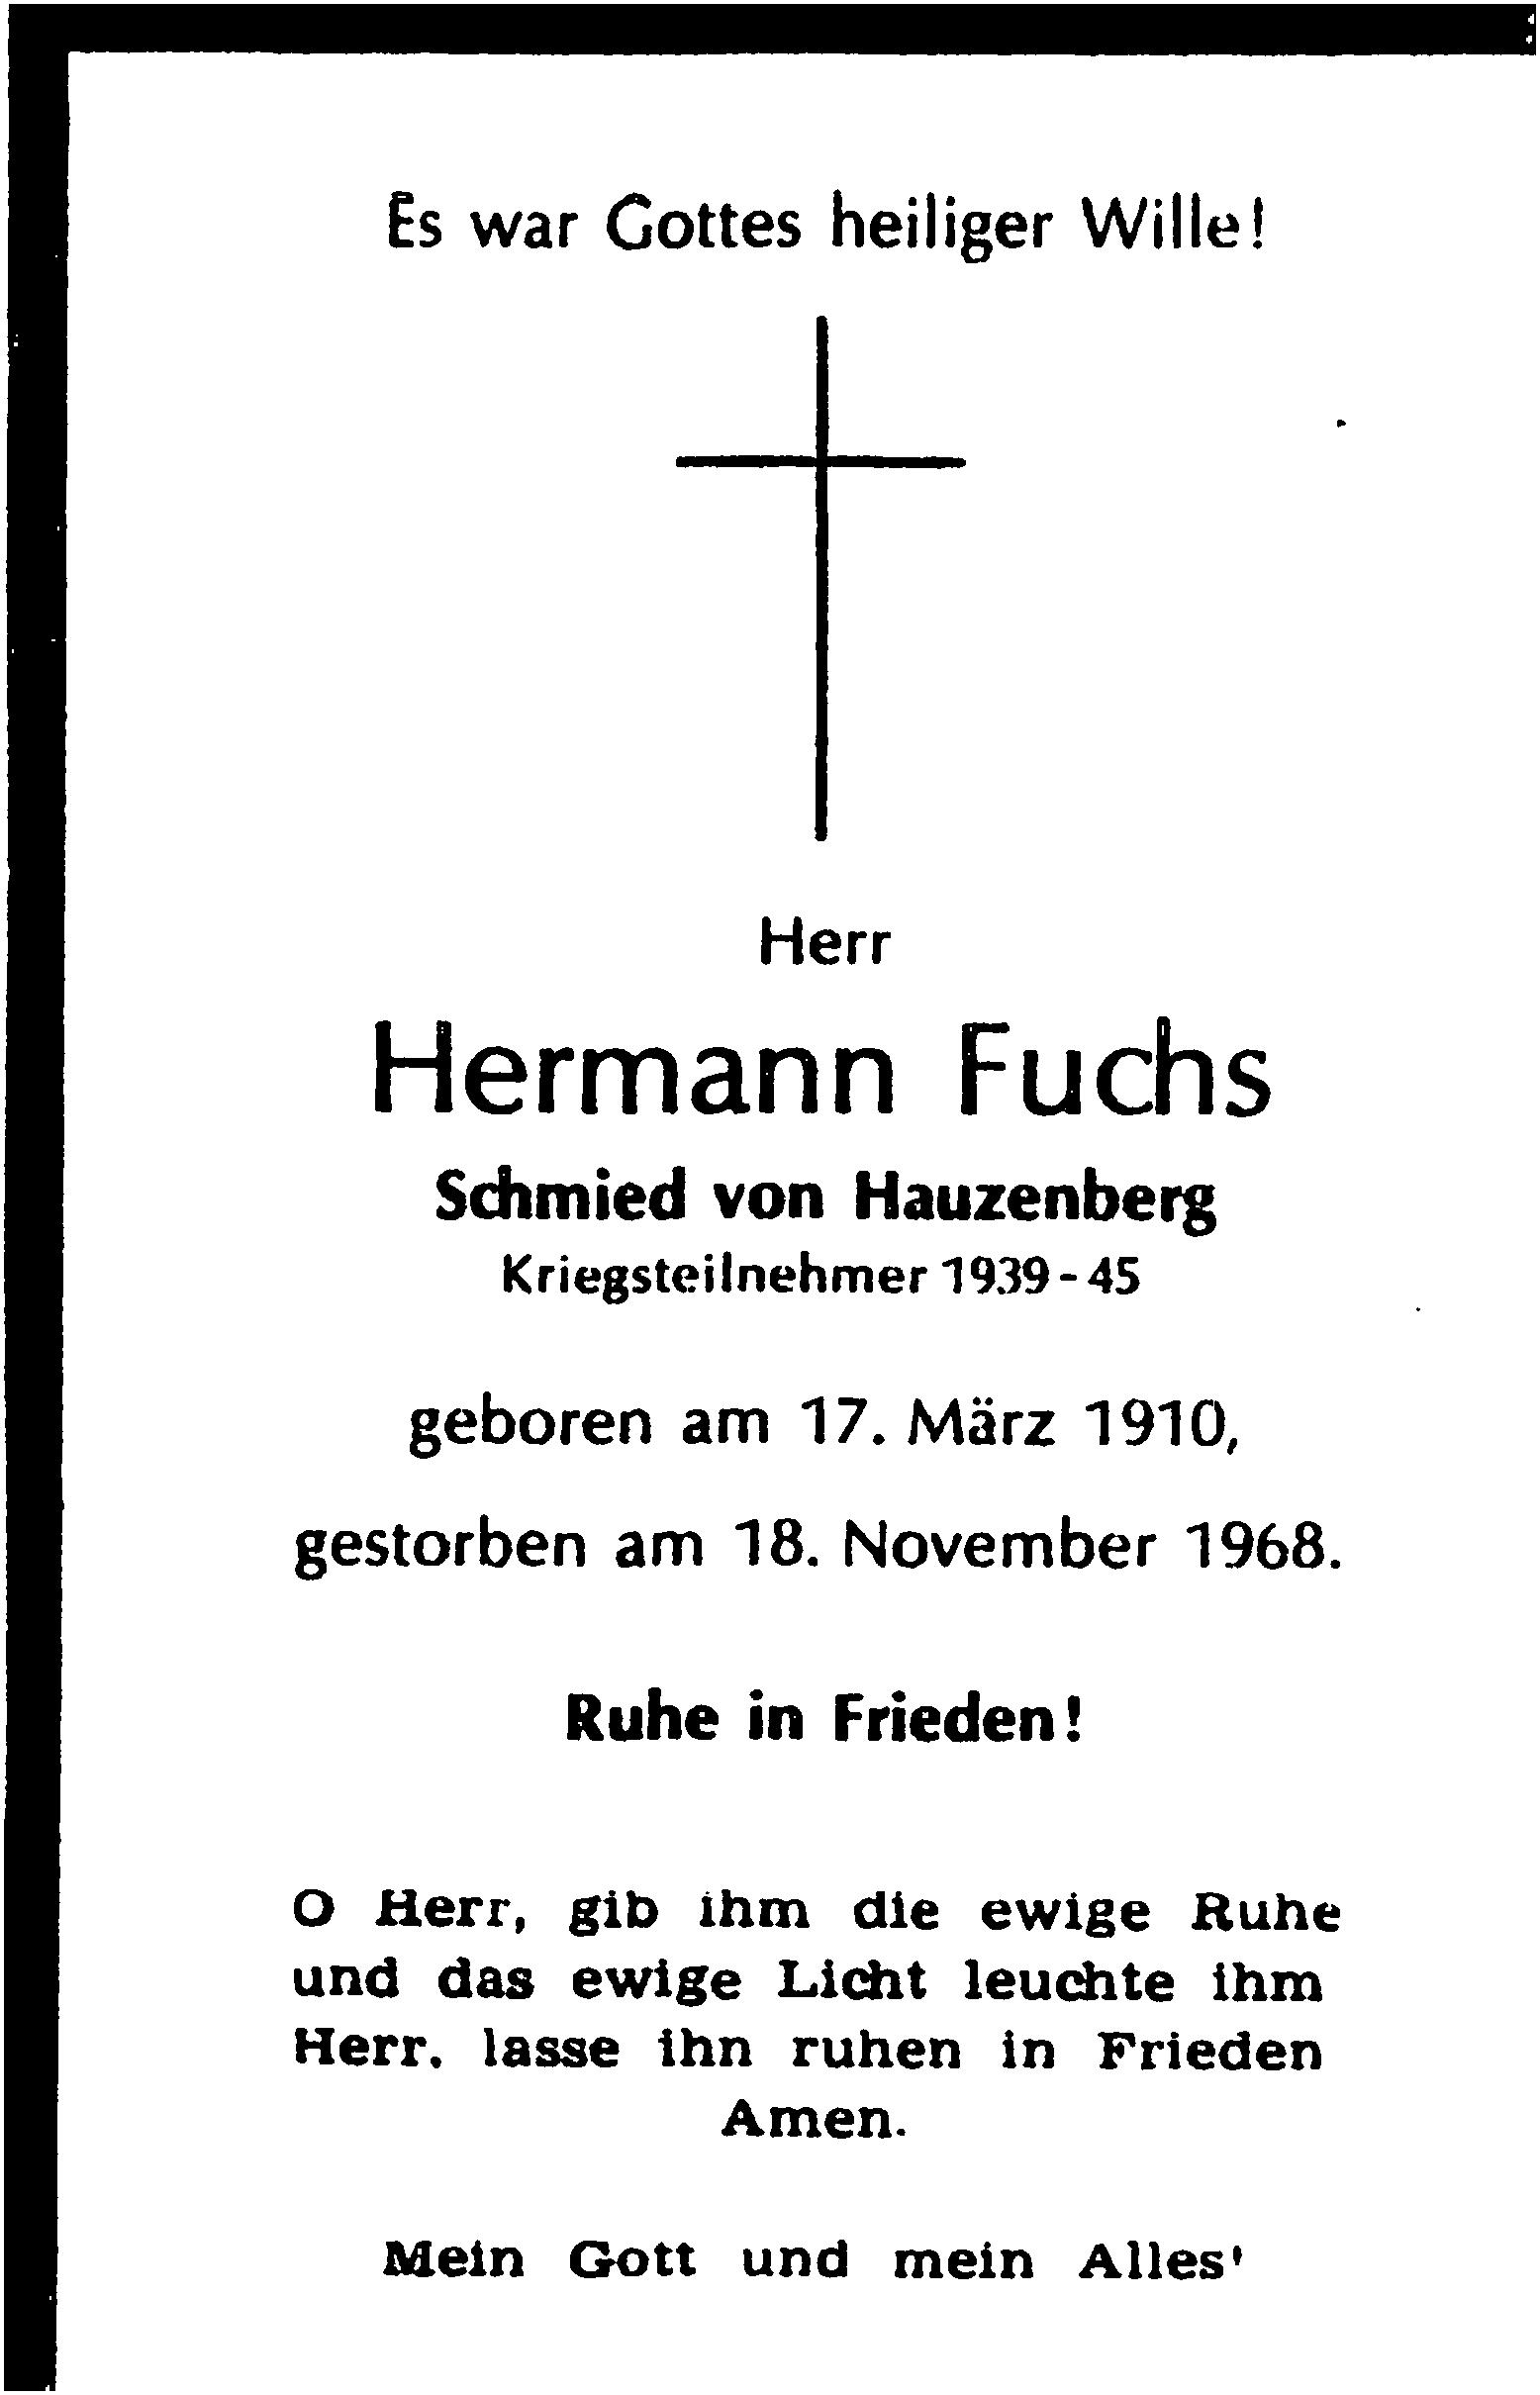 1968-11-18-Fuchs-Hermann-Hauzenberg-Schmied